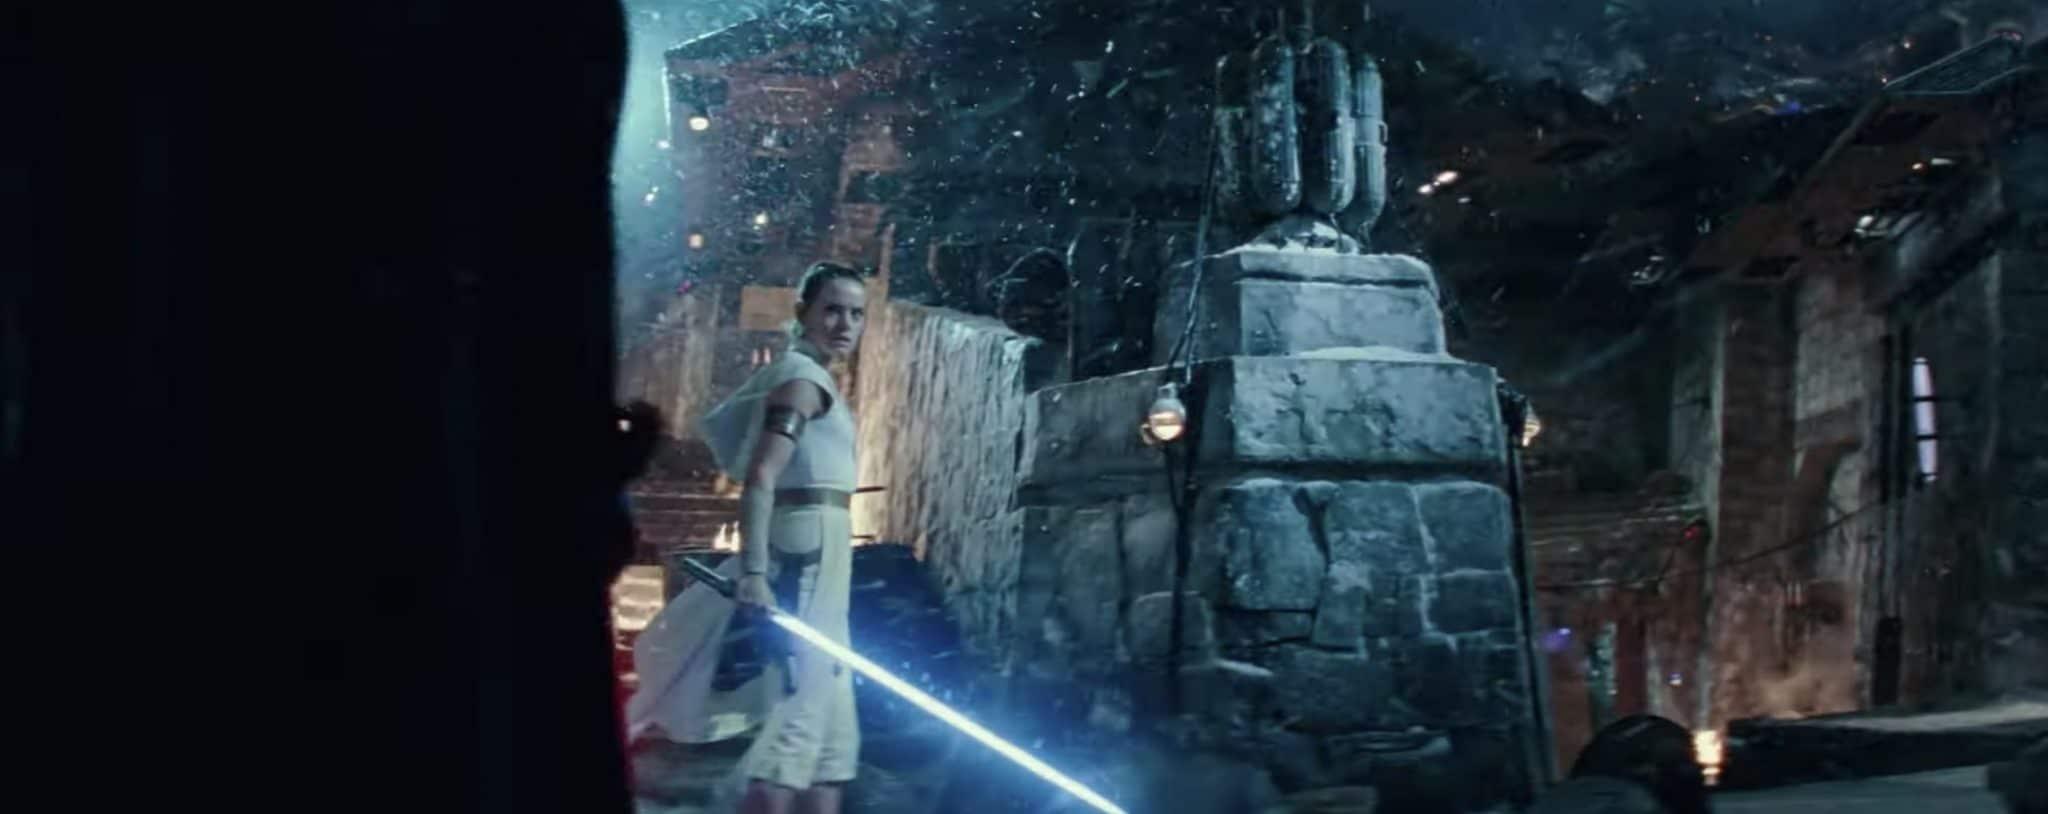 Star Wars 9 : un teaser surprise dévoilé ! (vidéo)